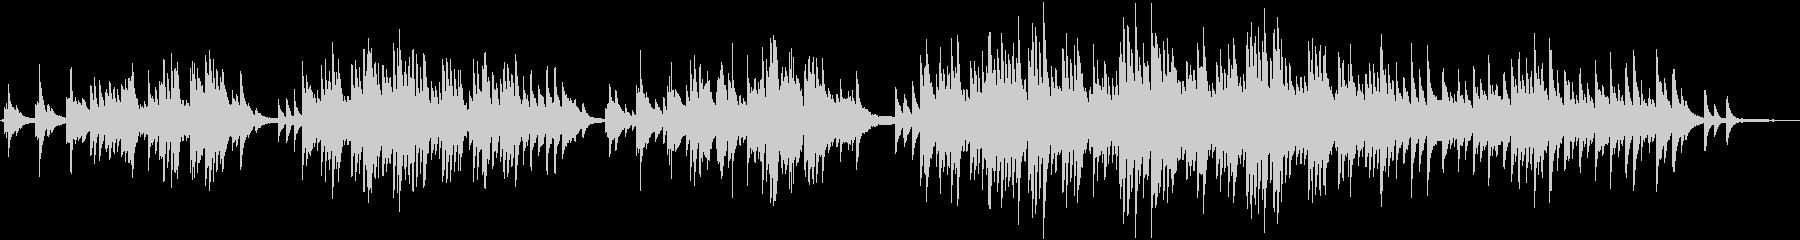 切な過ぎる感動のピアノ&ストリングスの未再生の波形